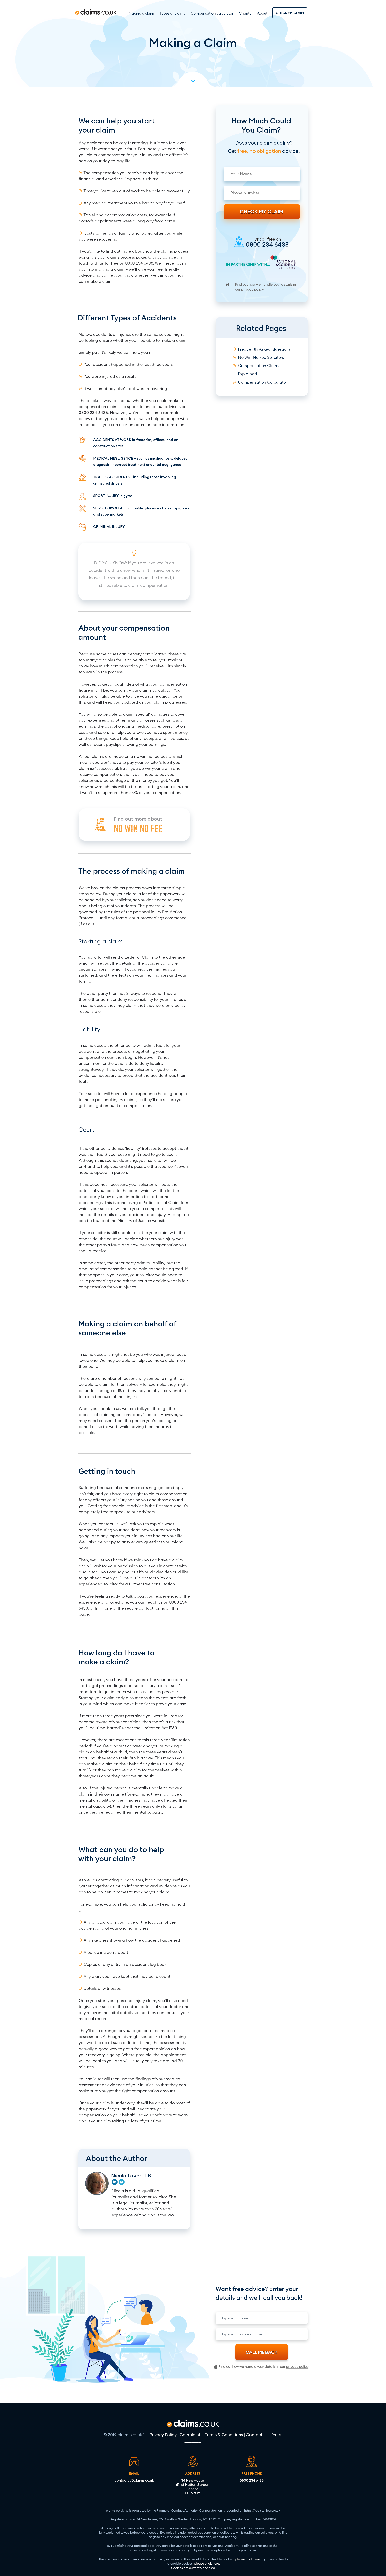 Claims.co.uk web design